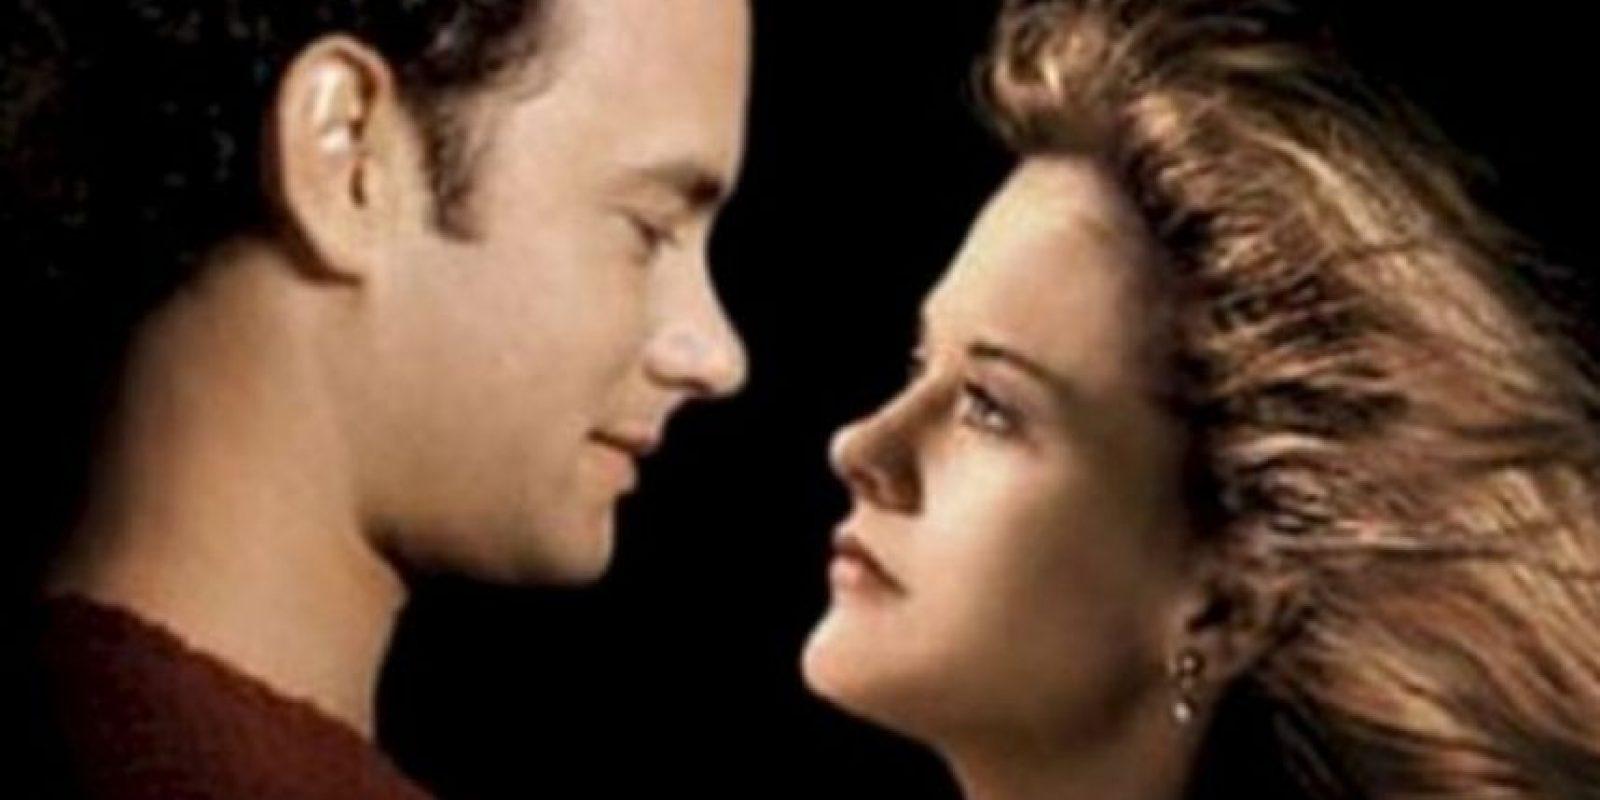 Foto:Sintonia de amor: Kay Clark (Tom Hanks) y Sullivan Ward (Meg Ryan) formaban el dúo radiofónico más famoso de la ciudad. Pero Kay dejó la ciudad y a Sullivan para ir a trabajar a Los Ángeles. Cuando Kay vuelve a la ciudad, ella continúa enamorada de él. Sullivan trató de convencerse de que ya no la necesitaba, pero sabía que formaban una combinación única. La antigua magia había regresado y continuar la historia que tenían.